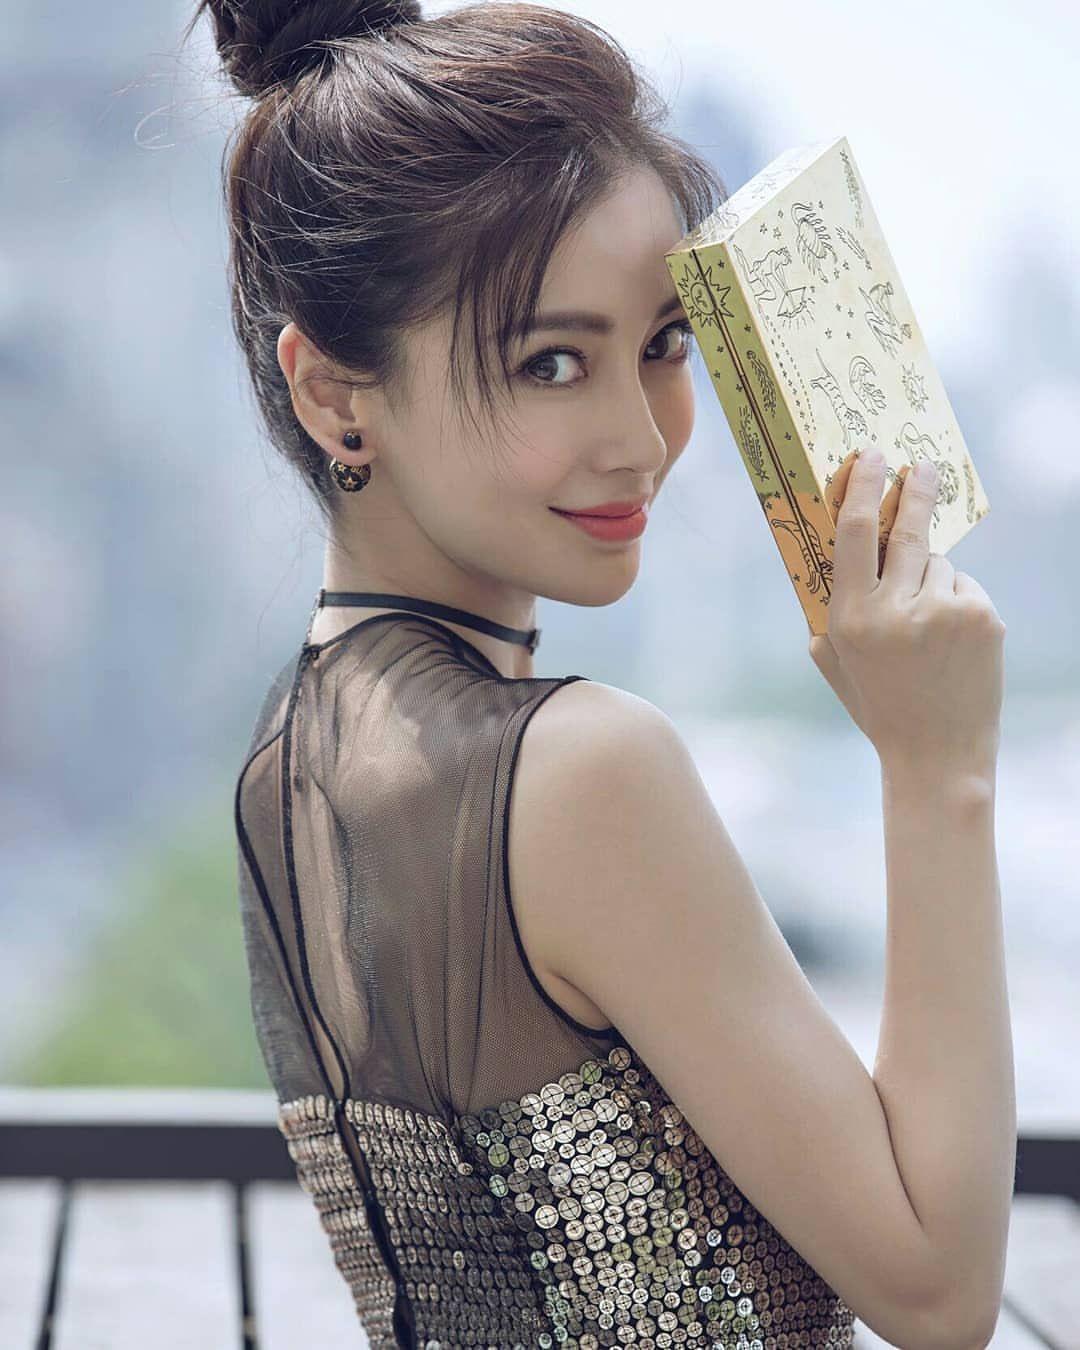 Kem làm trắng da Pond's và Angela Yeung Wing